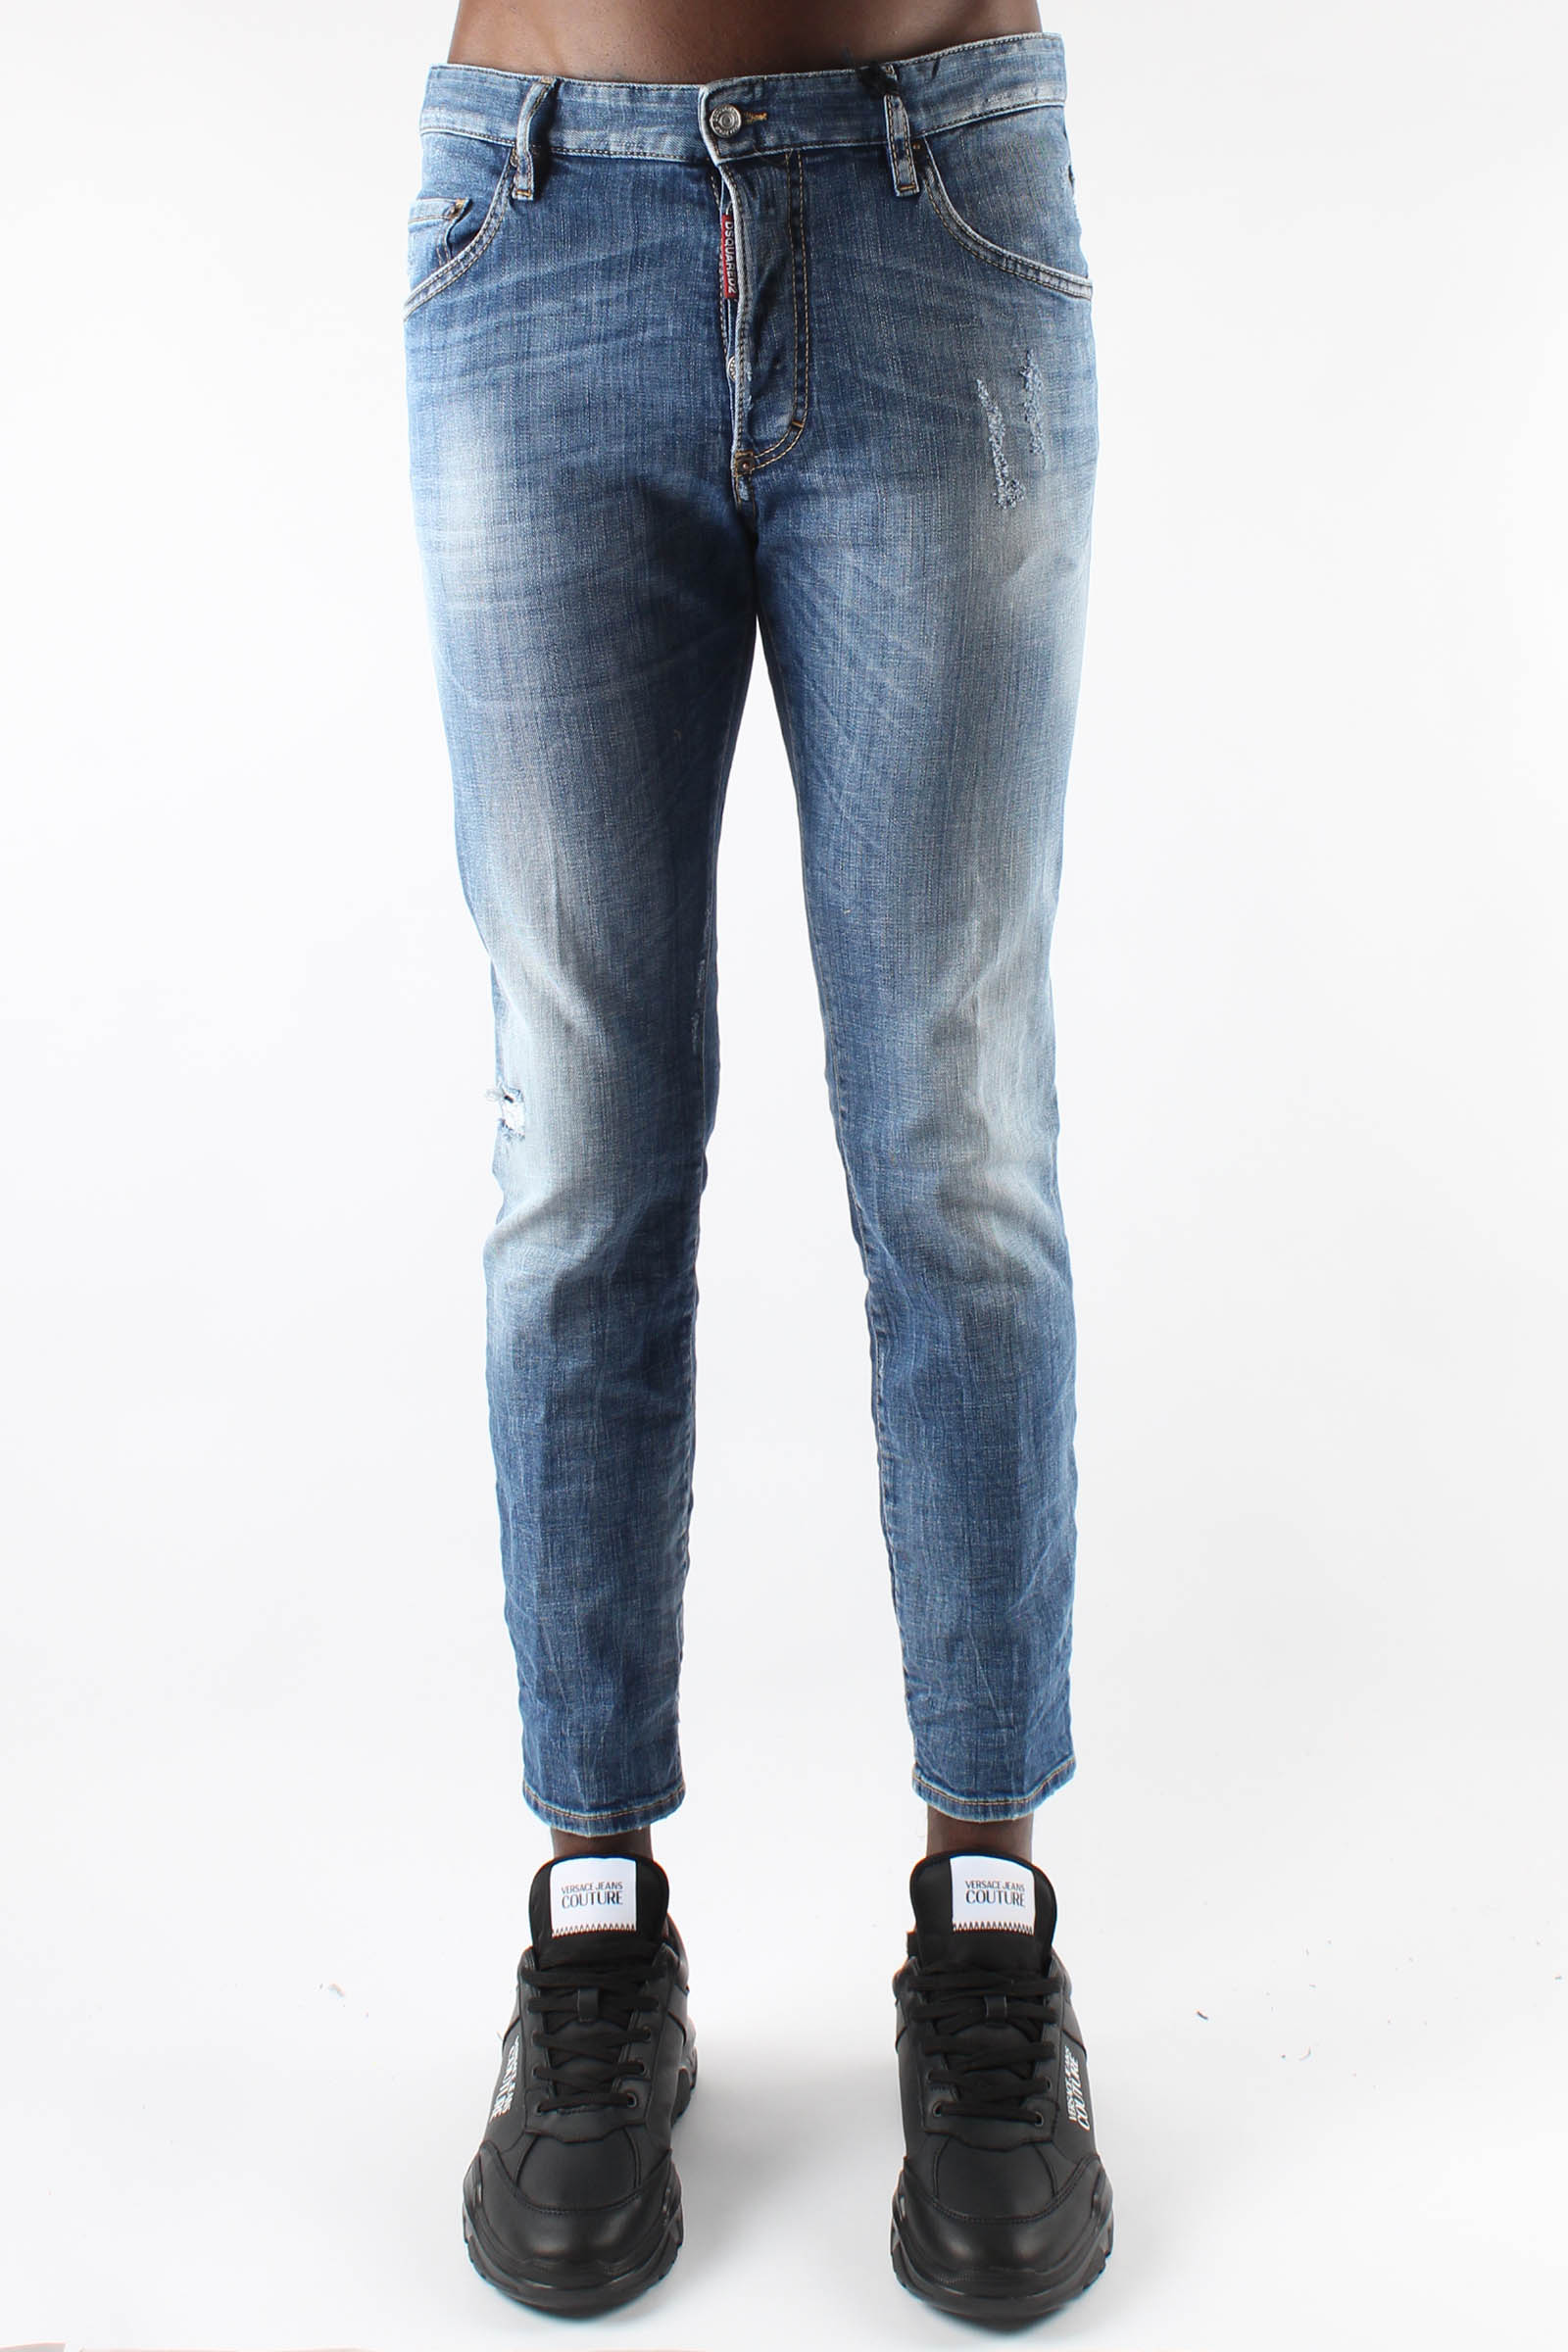 DSQUARED2 | Jeans | S74LB0791 S30342470